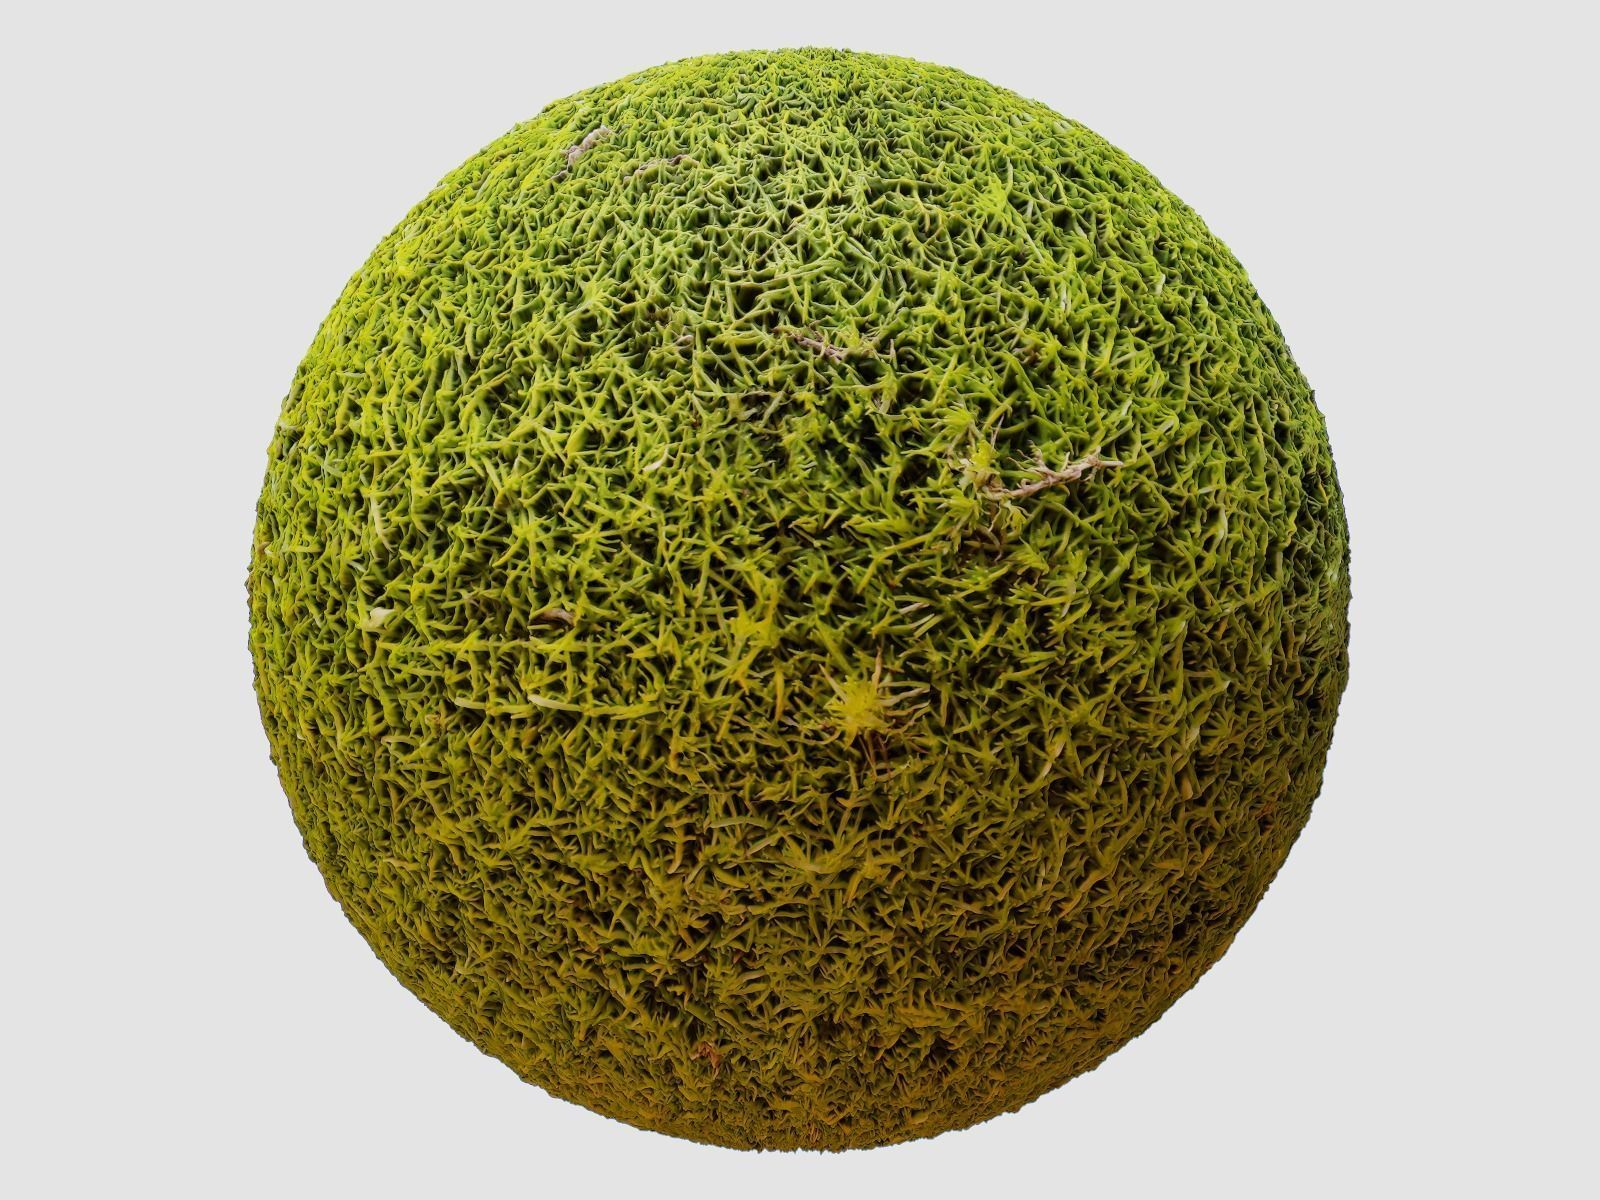 Moss PBR Texture